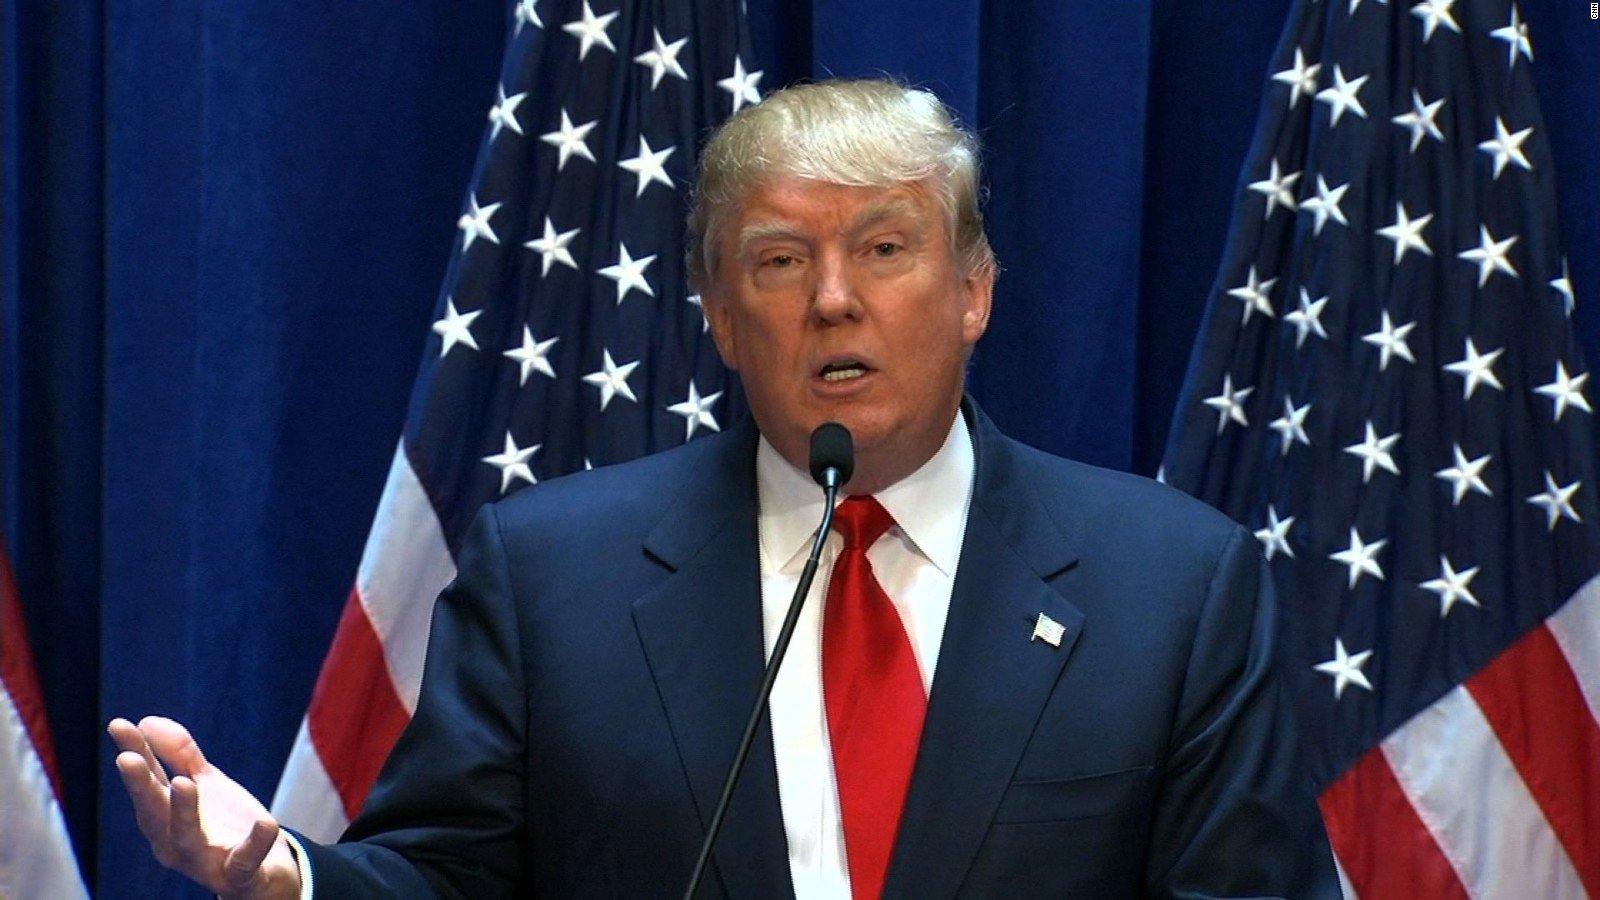 Приказ Трампа о ядерном ударе можно проигнорировать, заявил генерал